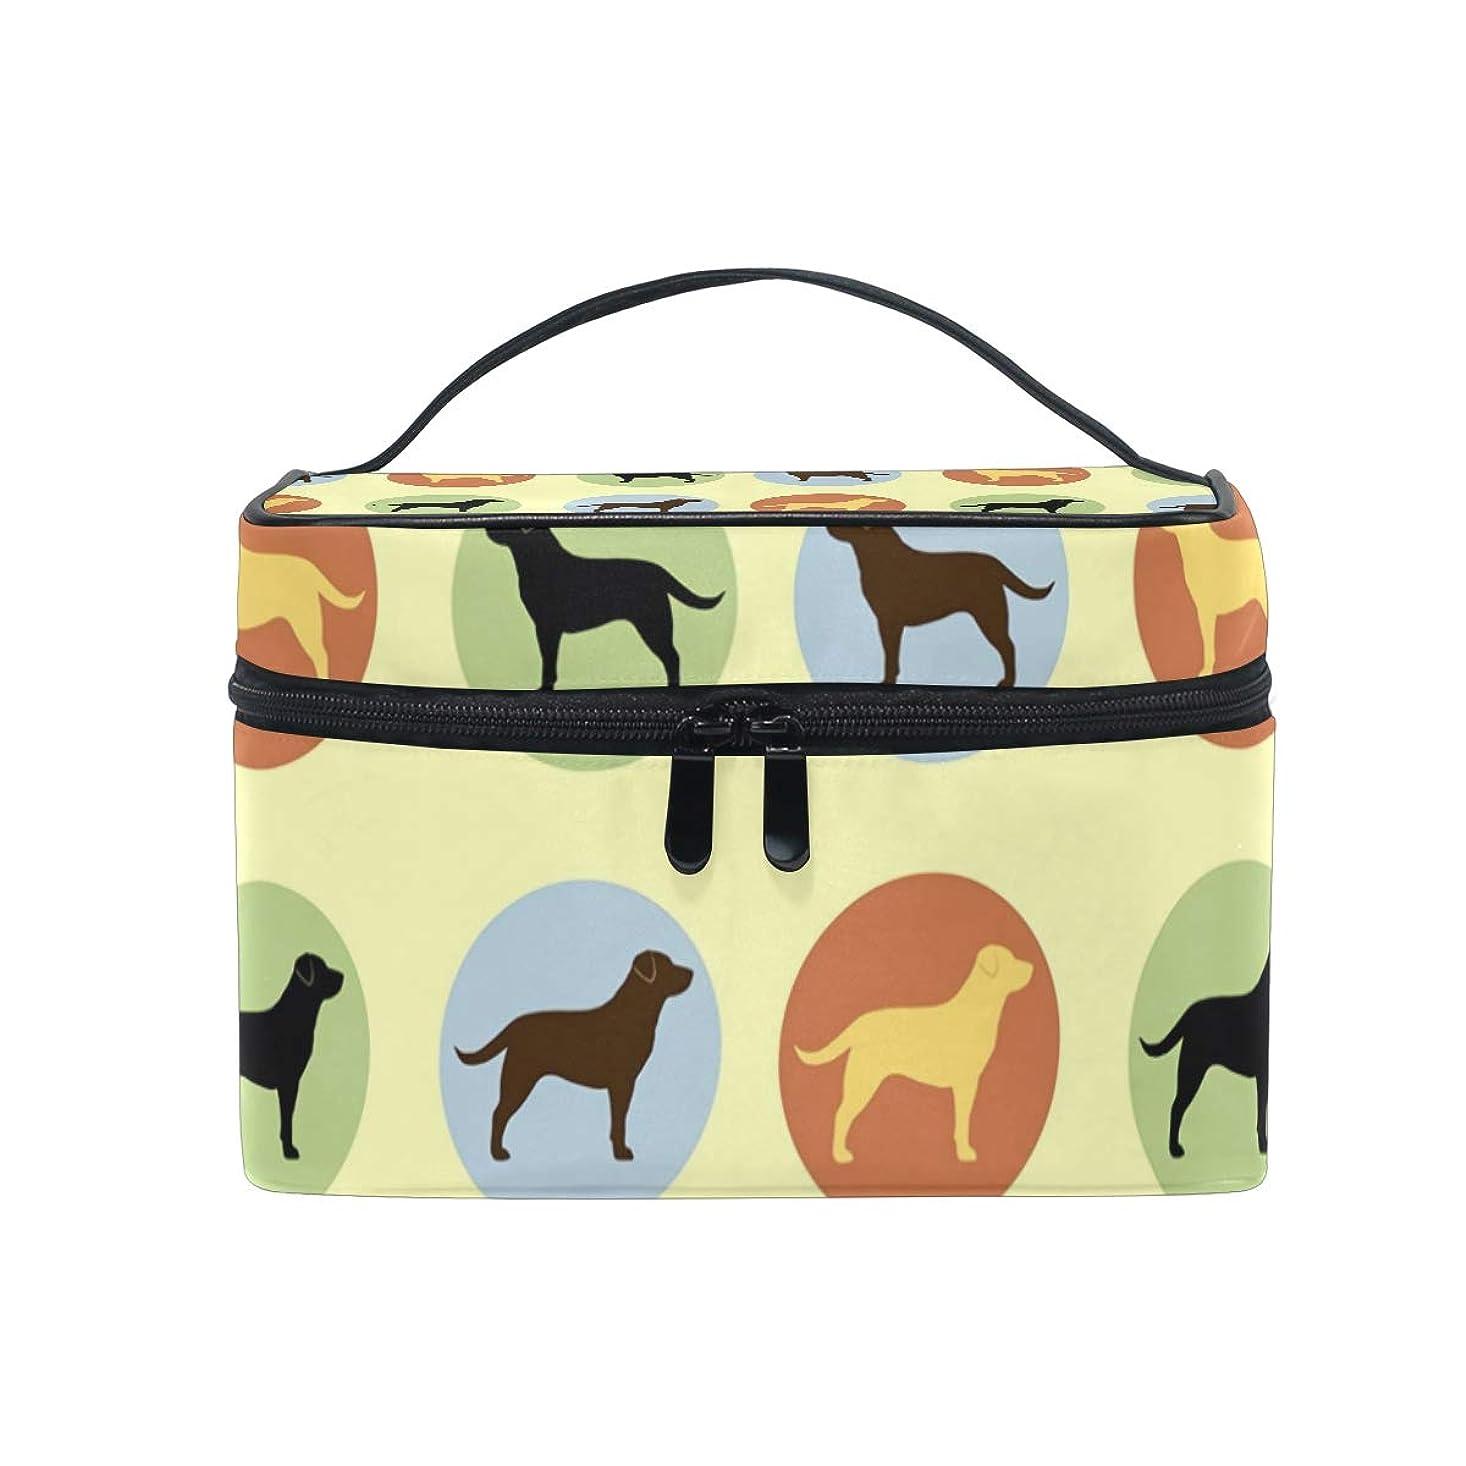 無法者達成する謙虚メイクボックス ラブラドール犬柄 化粧ポーチ 化粧品 化粧道具 小物入れ メイクブラシバッグ 大容量 旅行用 収納ケース